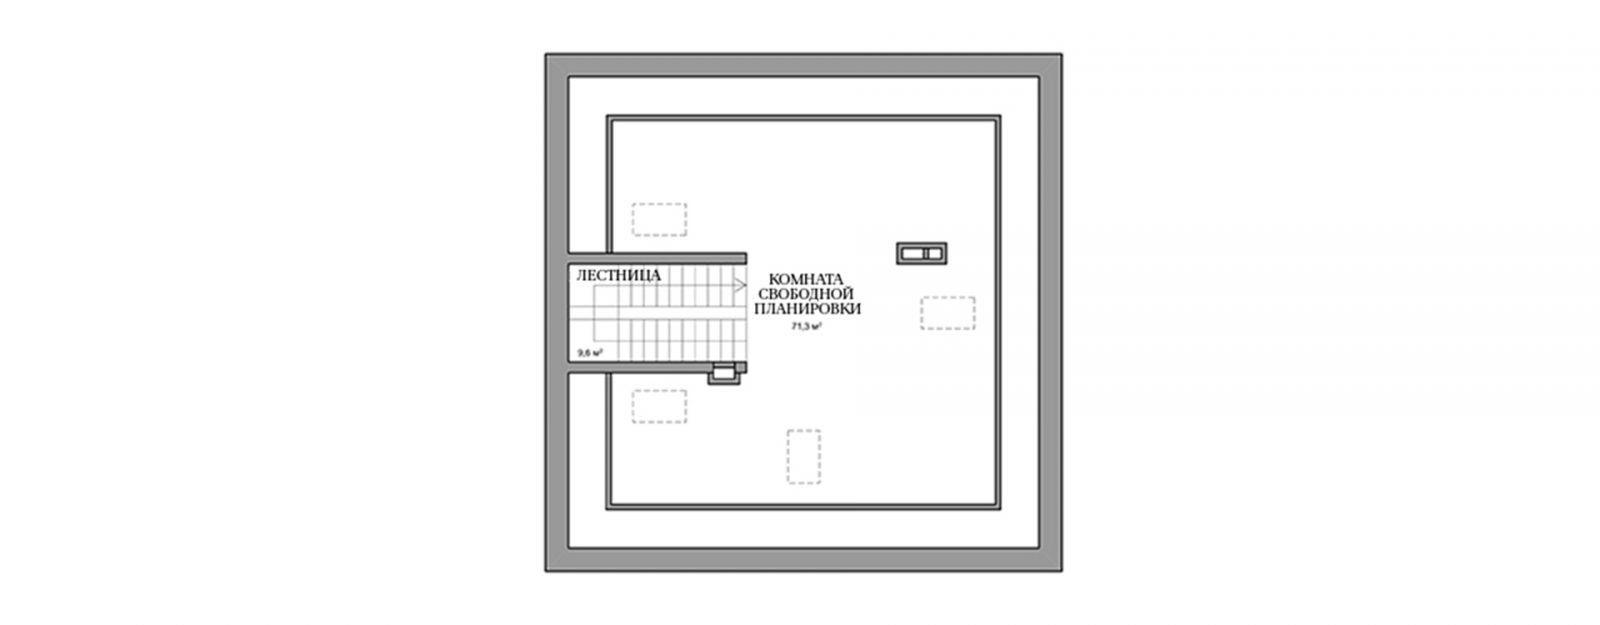 """Планировка мансардного этажа коттеджа """"Анна"""""""